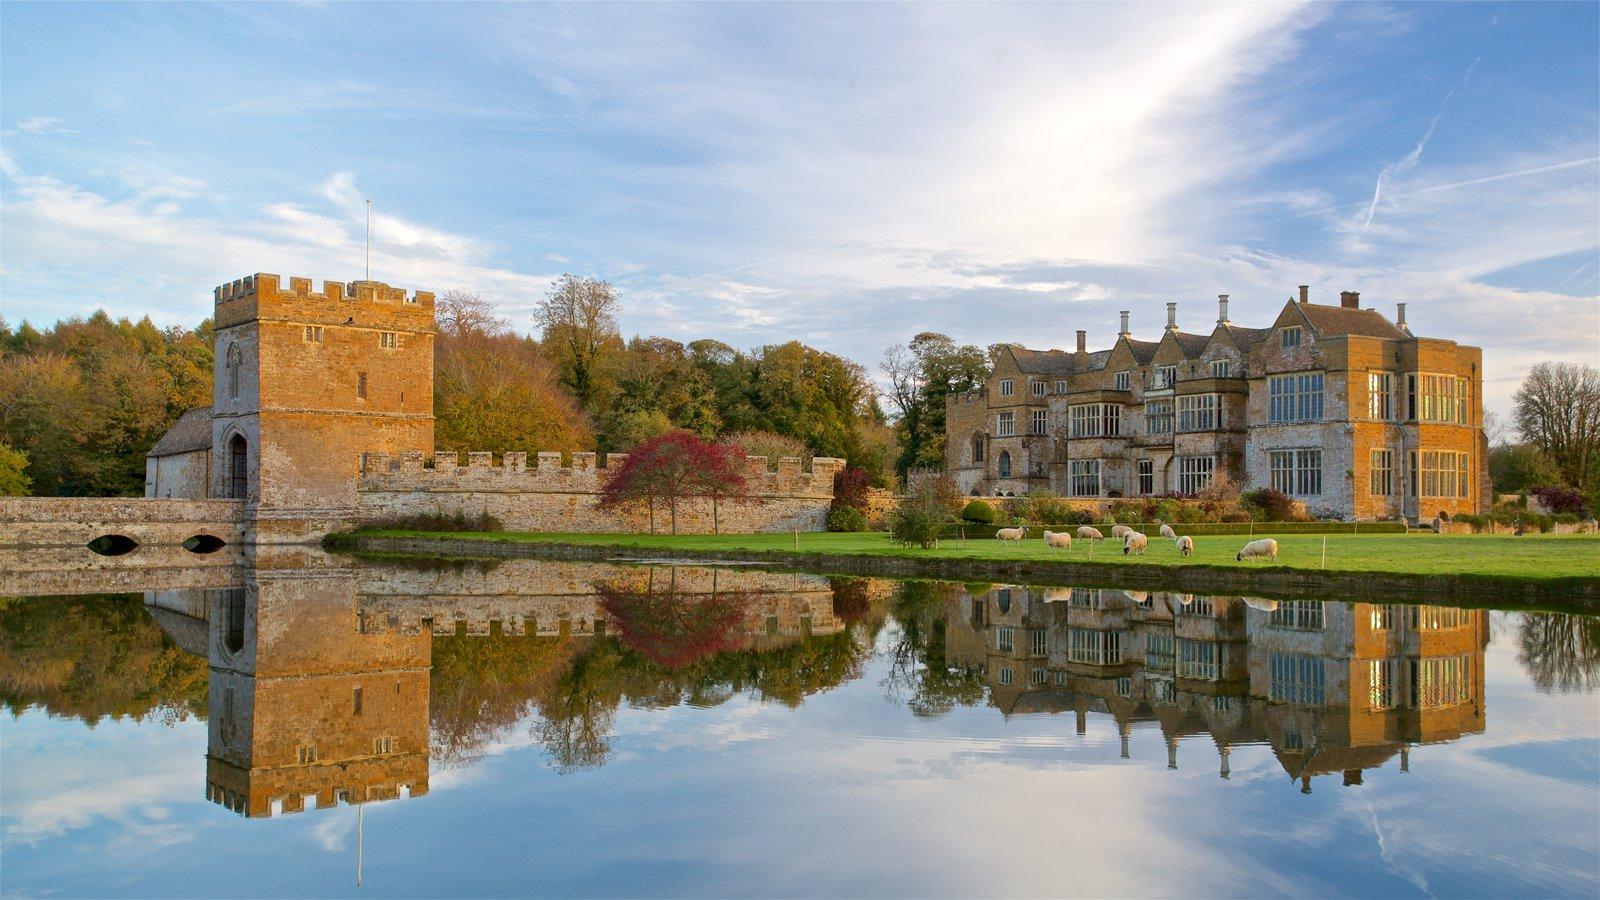 Broughton Castle que inclui um lago ou charco, arquitetura de patrimônio e um pequeno castelo ou palácio